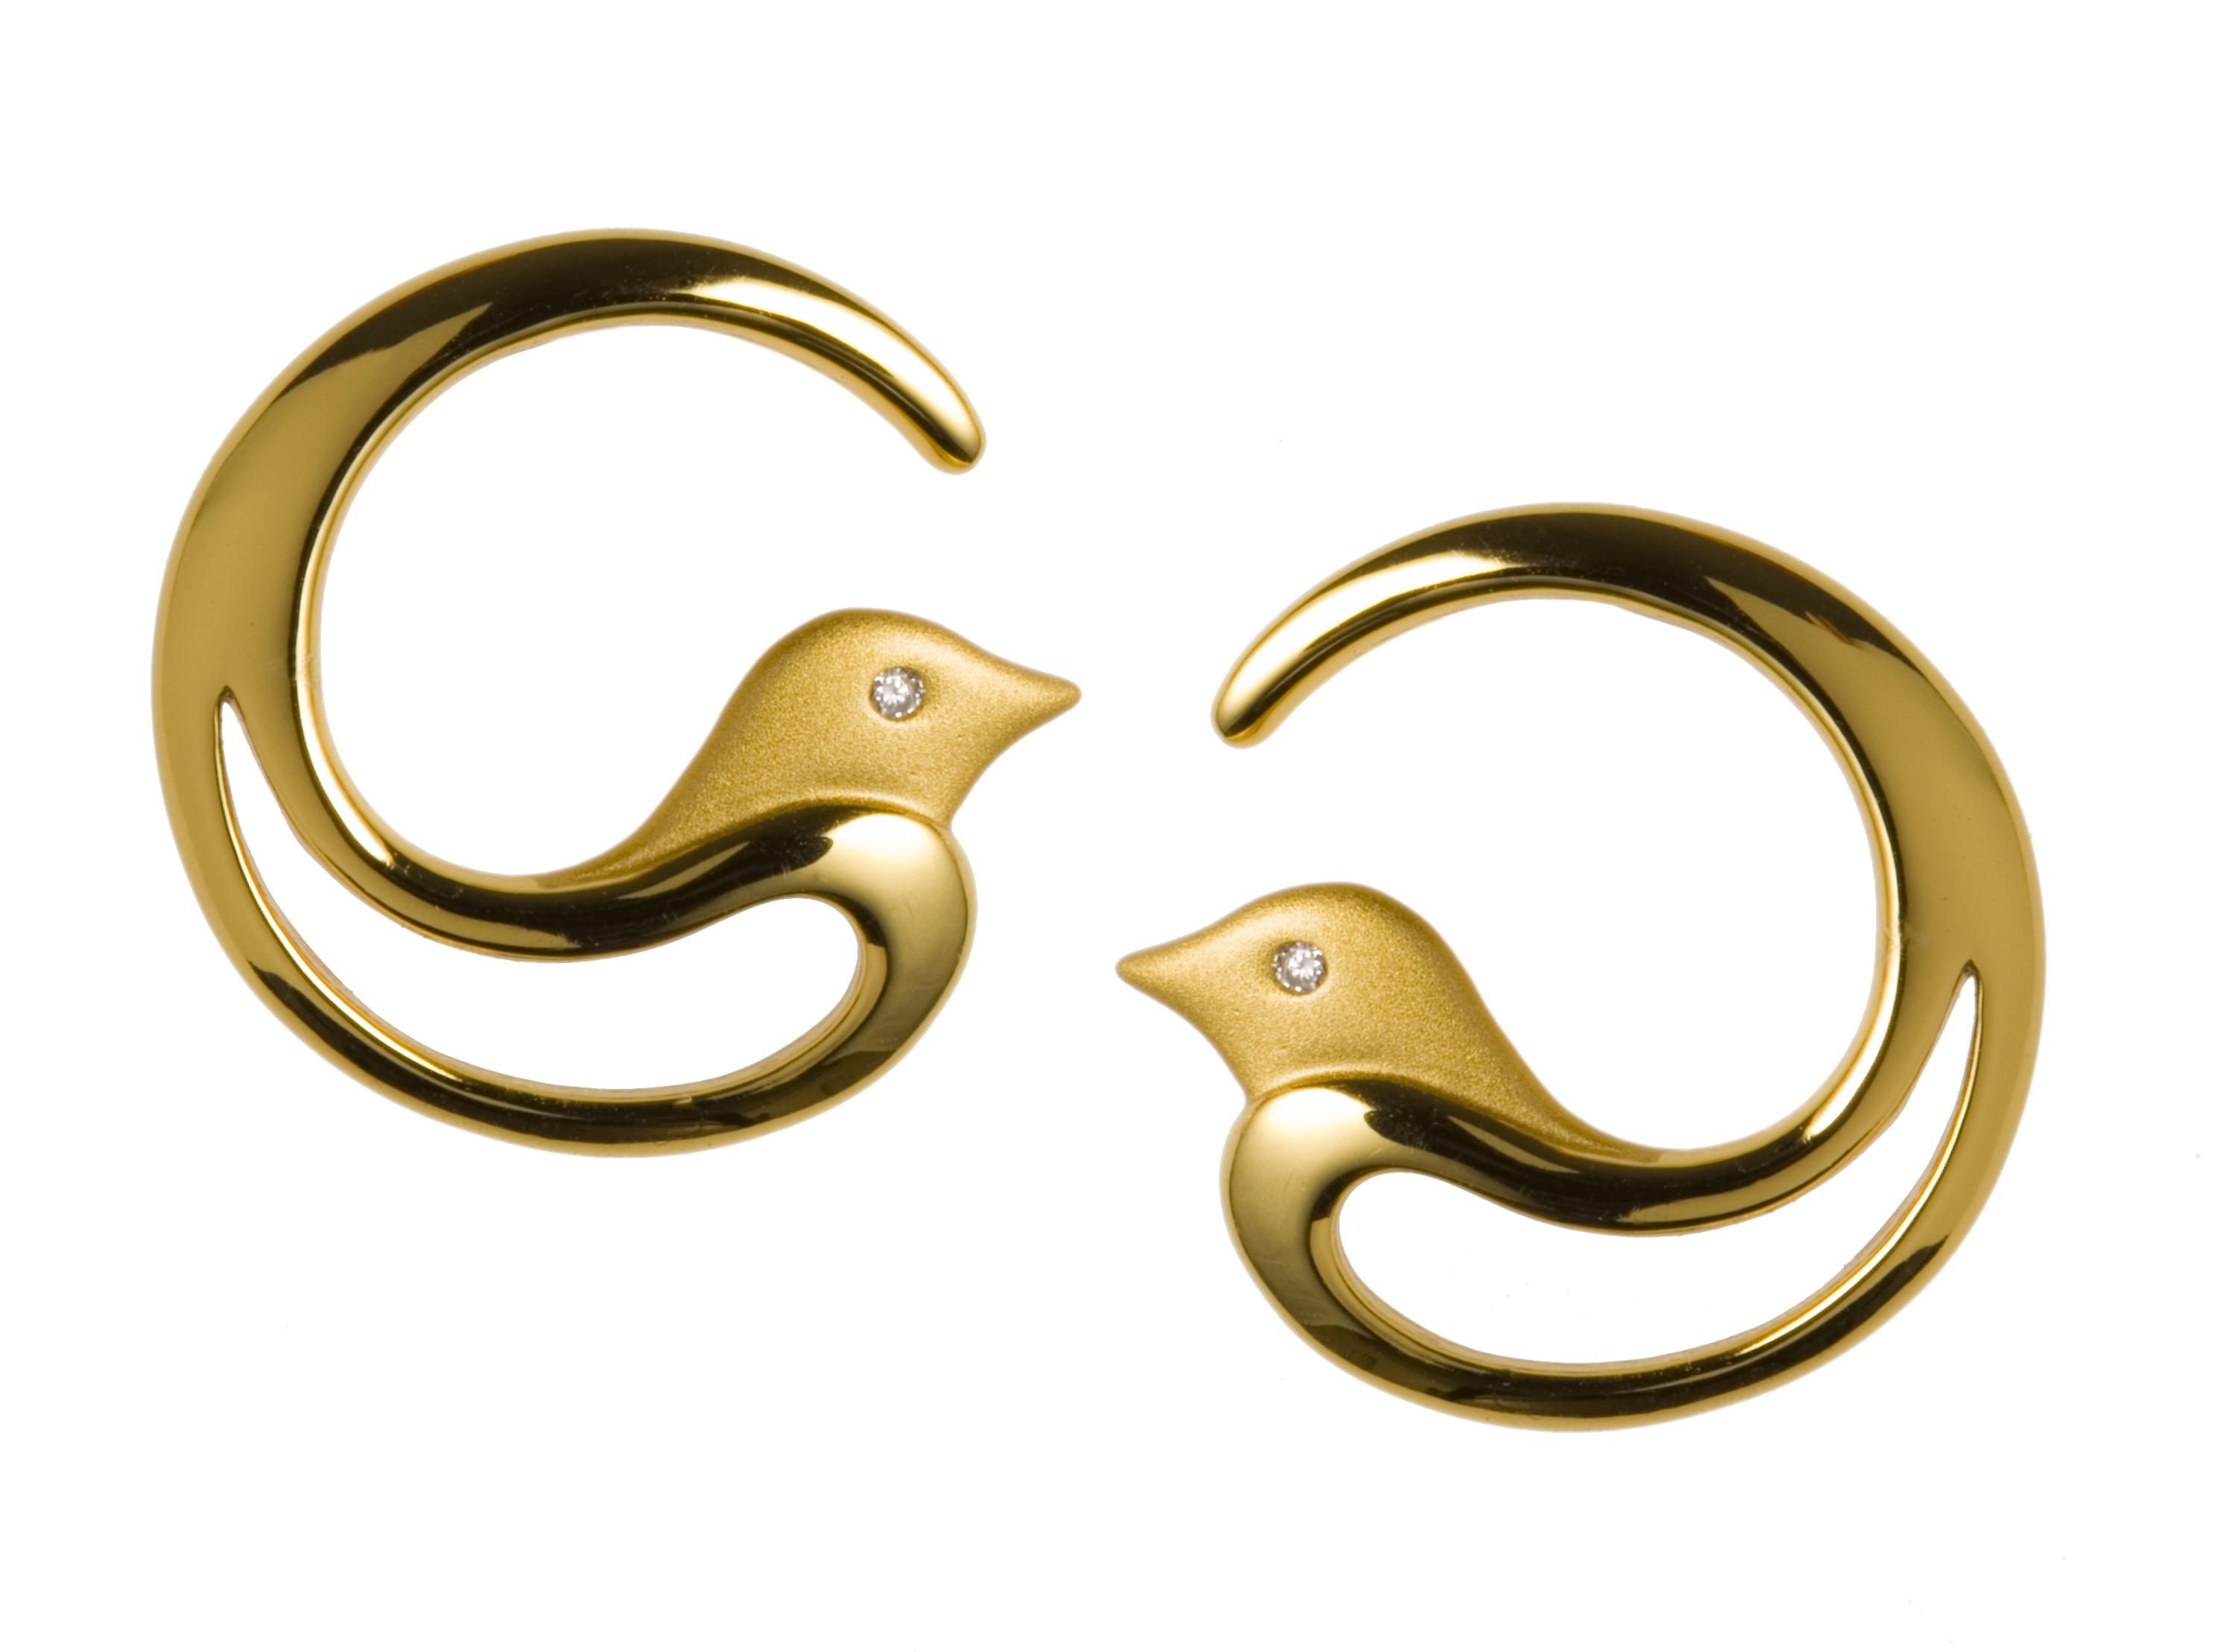 Rebecca Hook Aviary stud earrings | JCK On Your Market